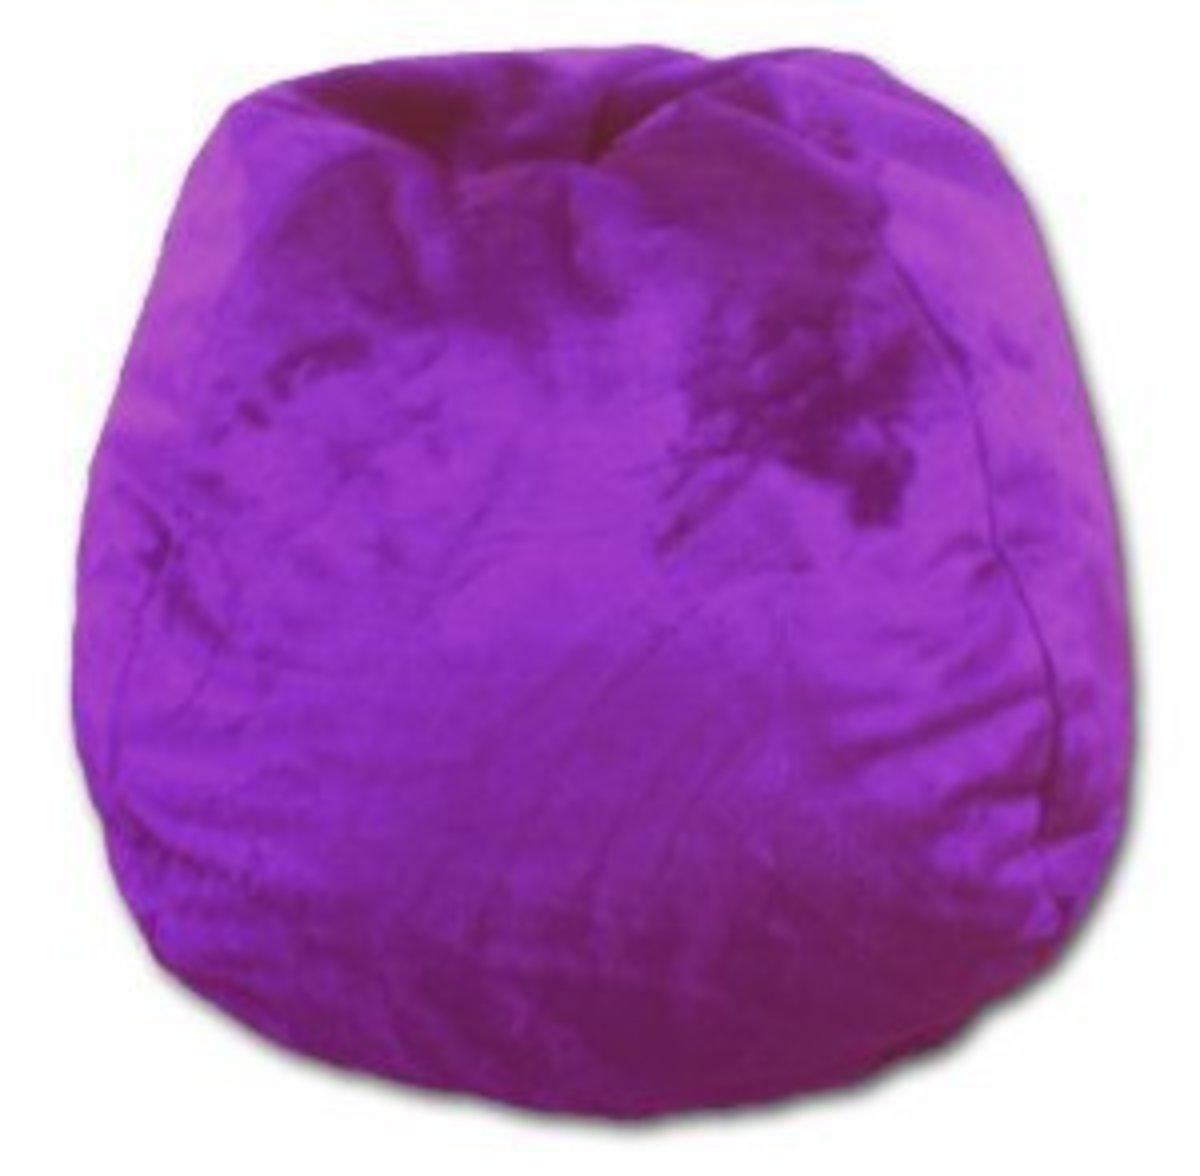 Furry Bean Bag Chair in Purple